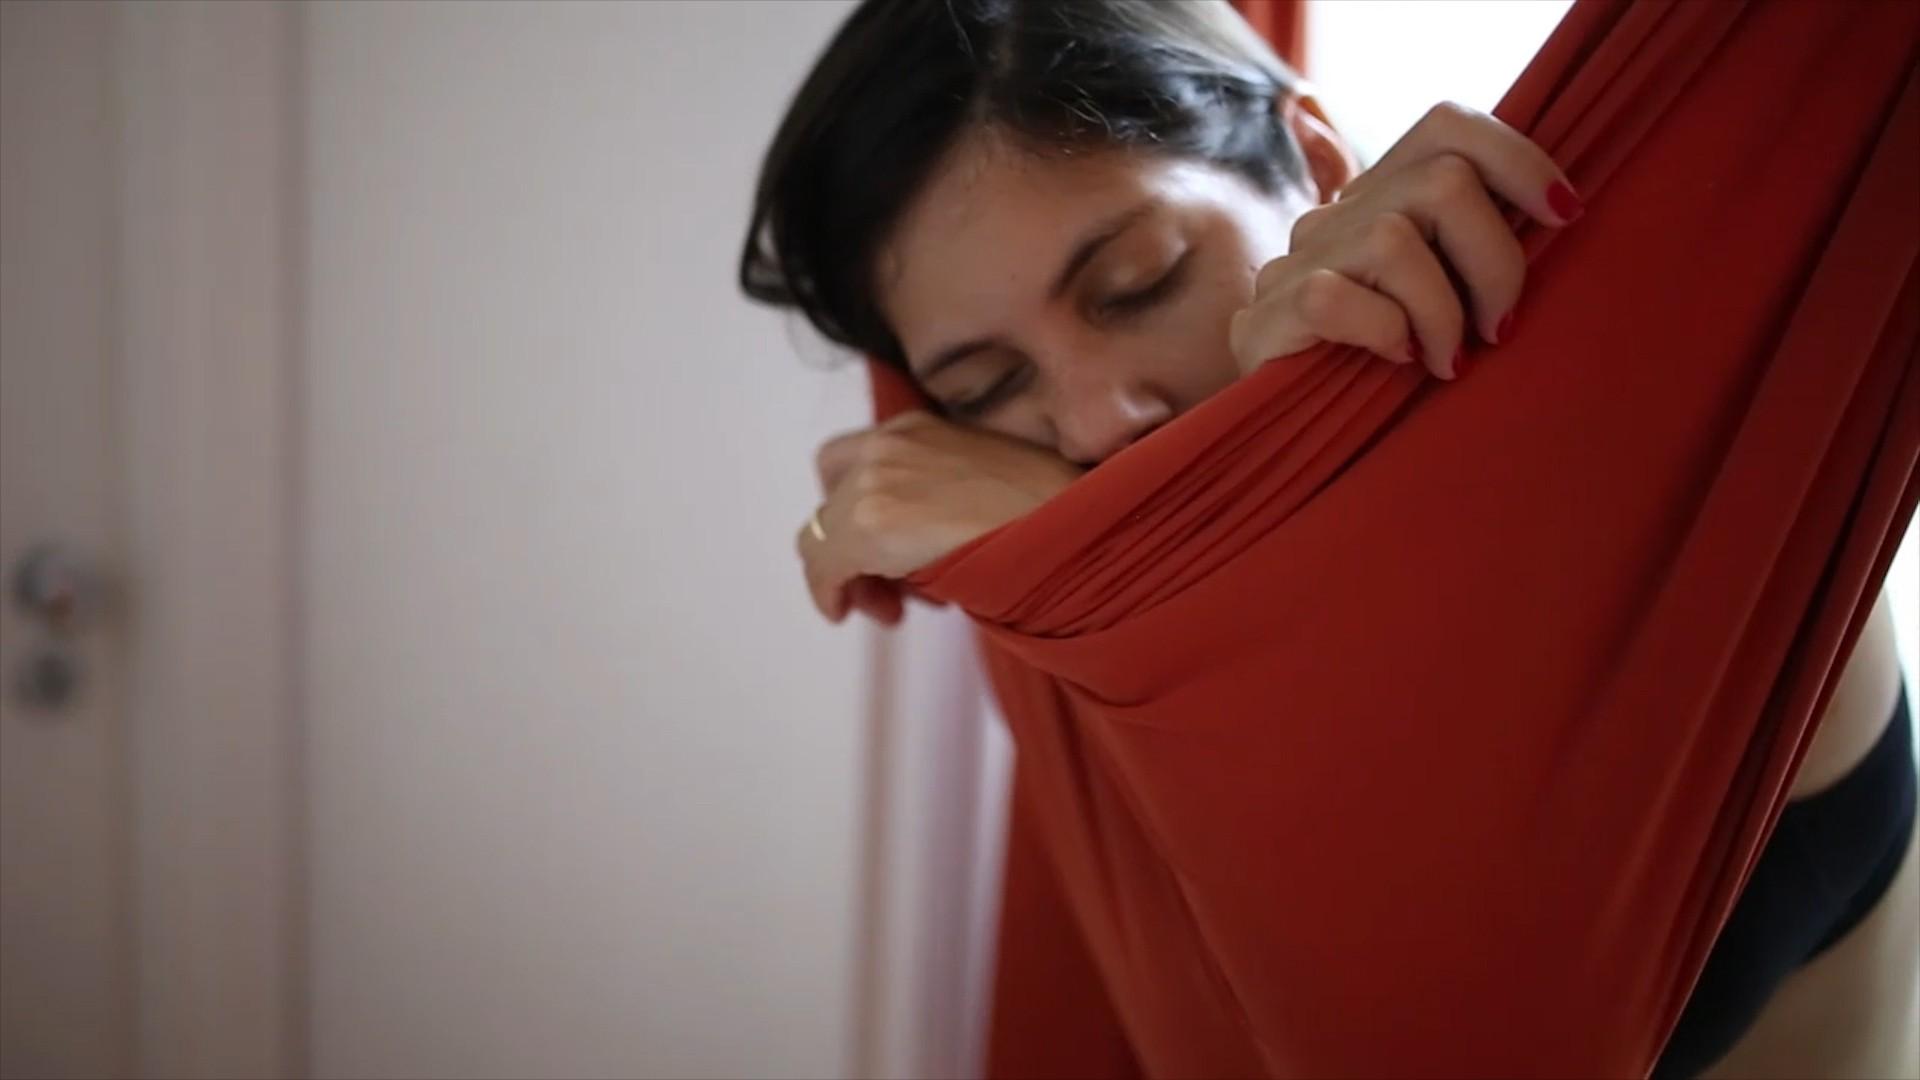 Mulheres que optaram pelo parto humanizado deram seus depoimentos (Foto: Divulgação)